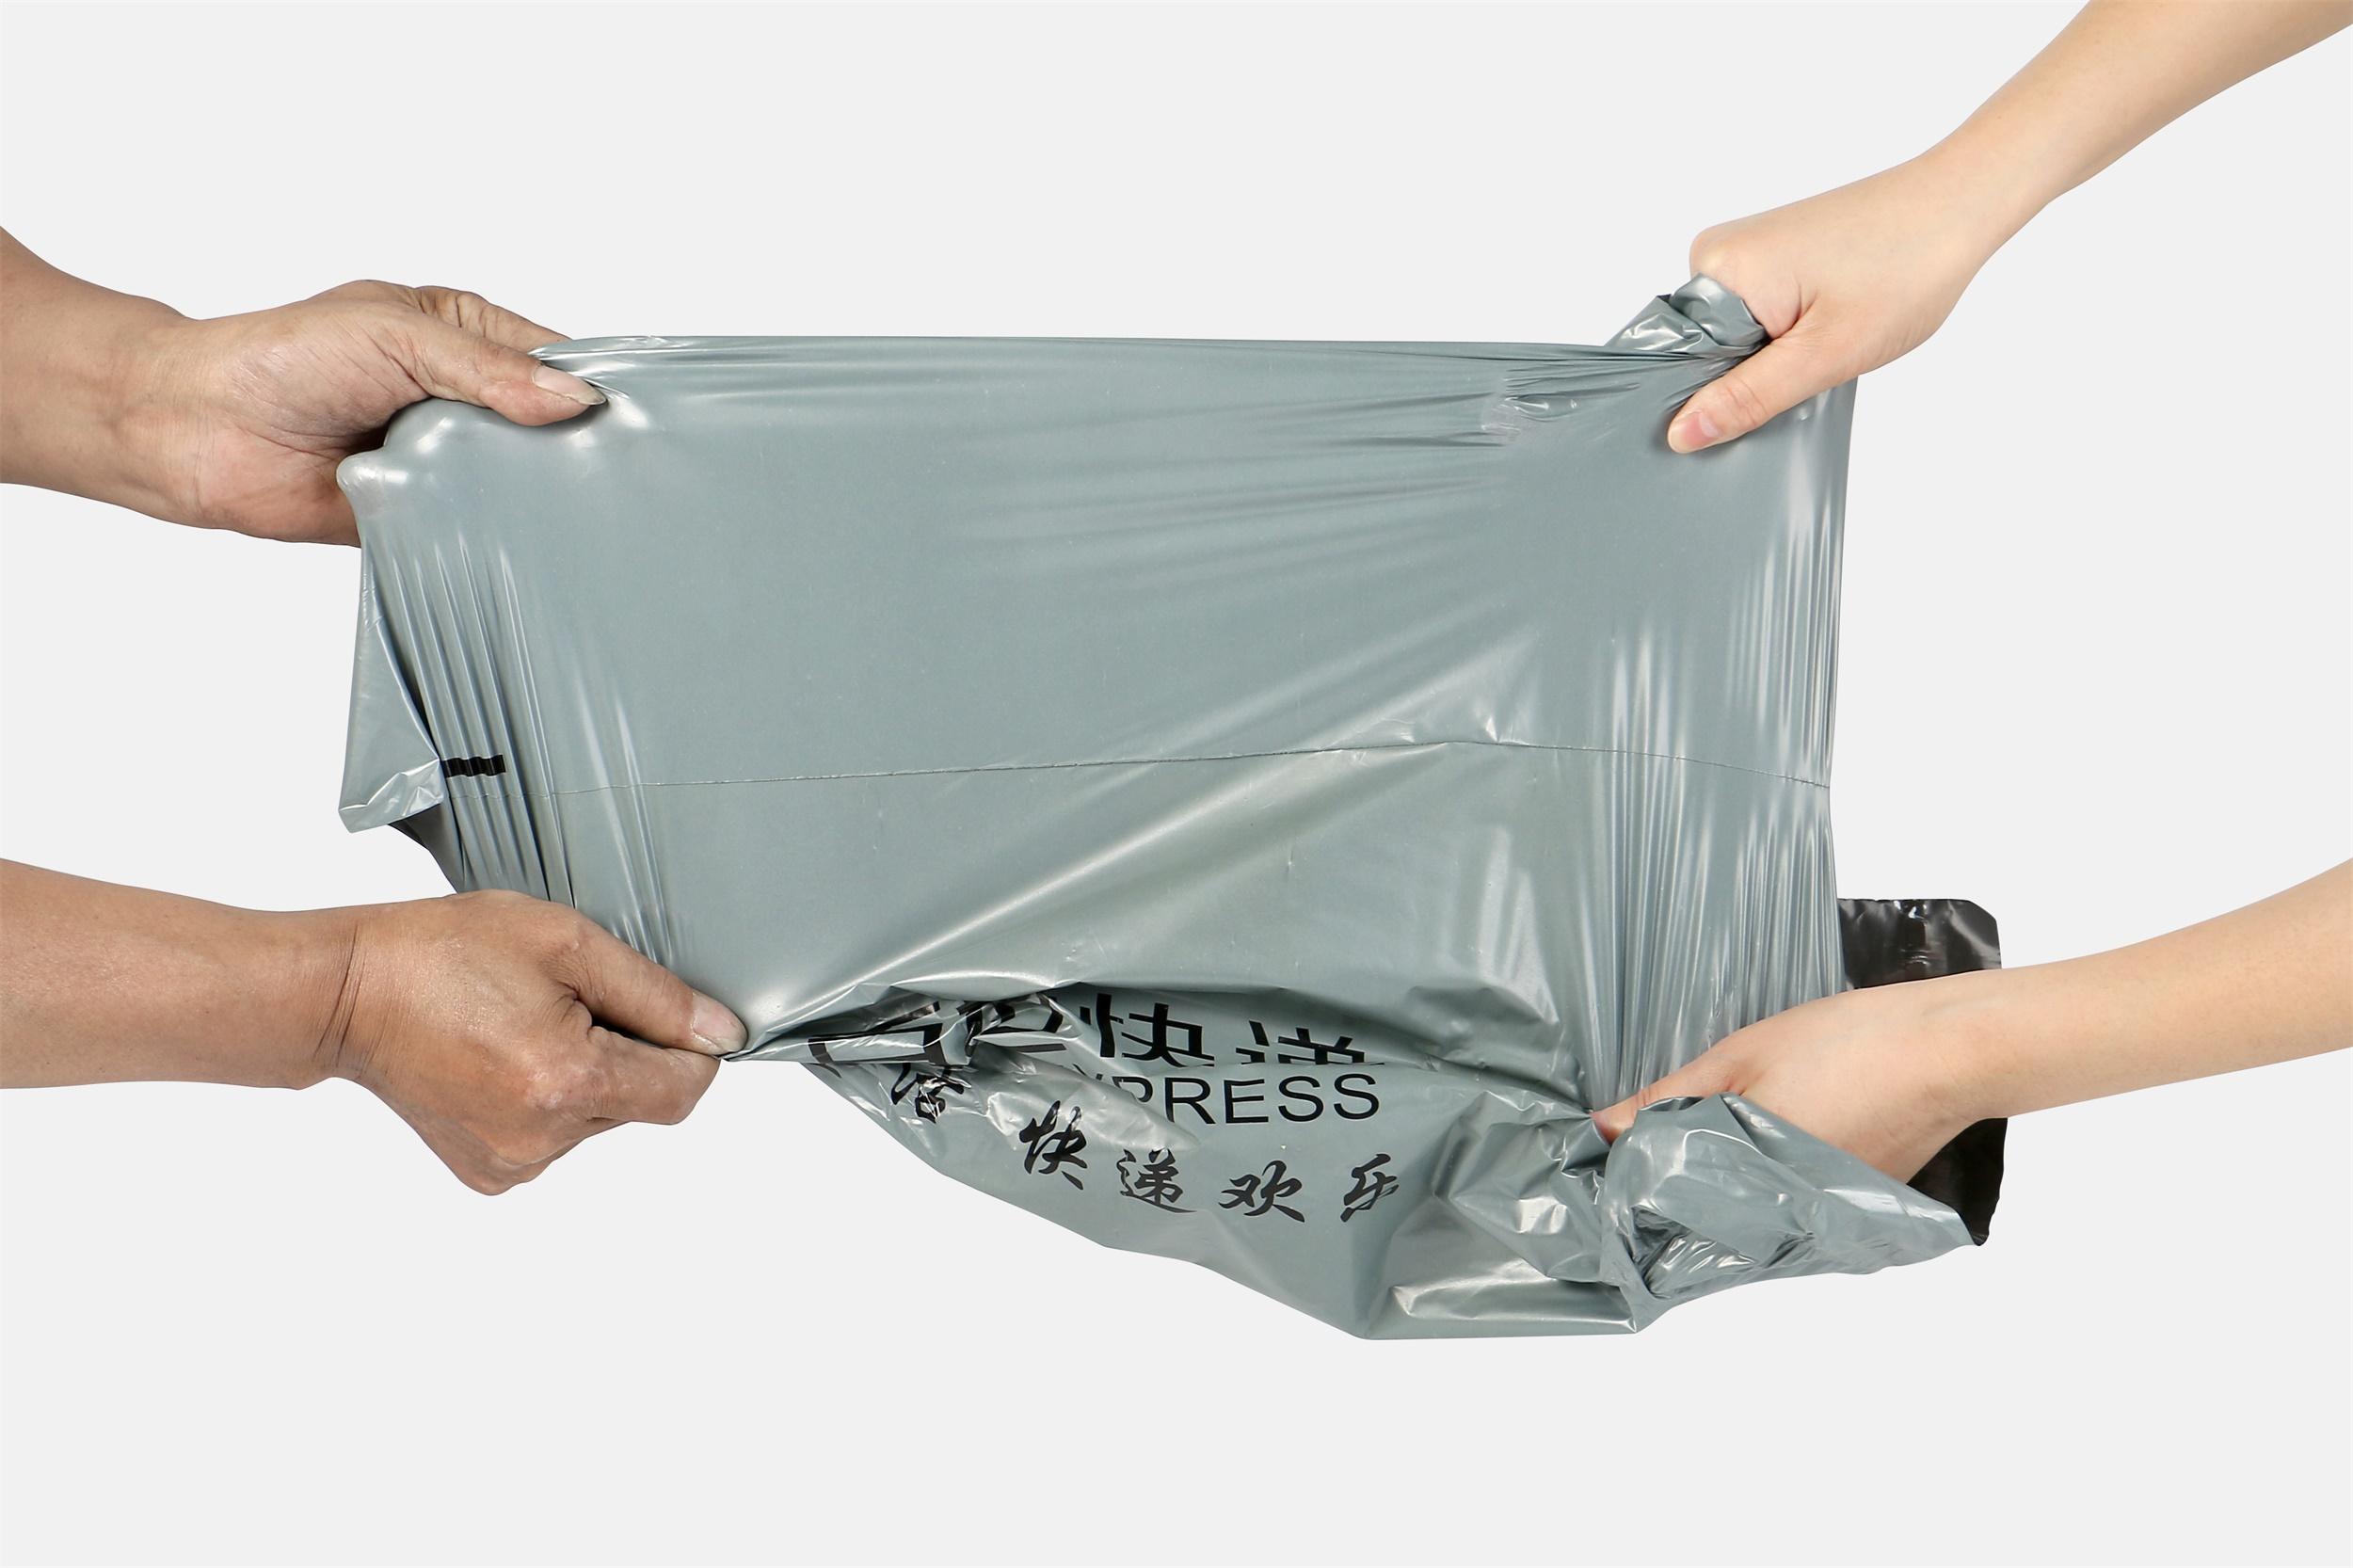 福建快递袋定制又弹开?了解快递袋封口热熔胶涂多少合适?